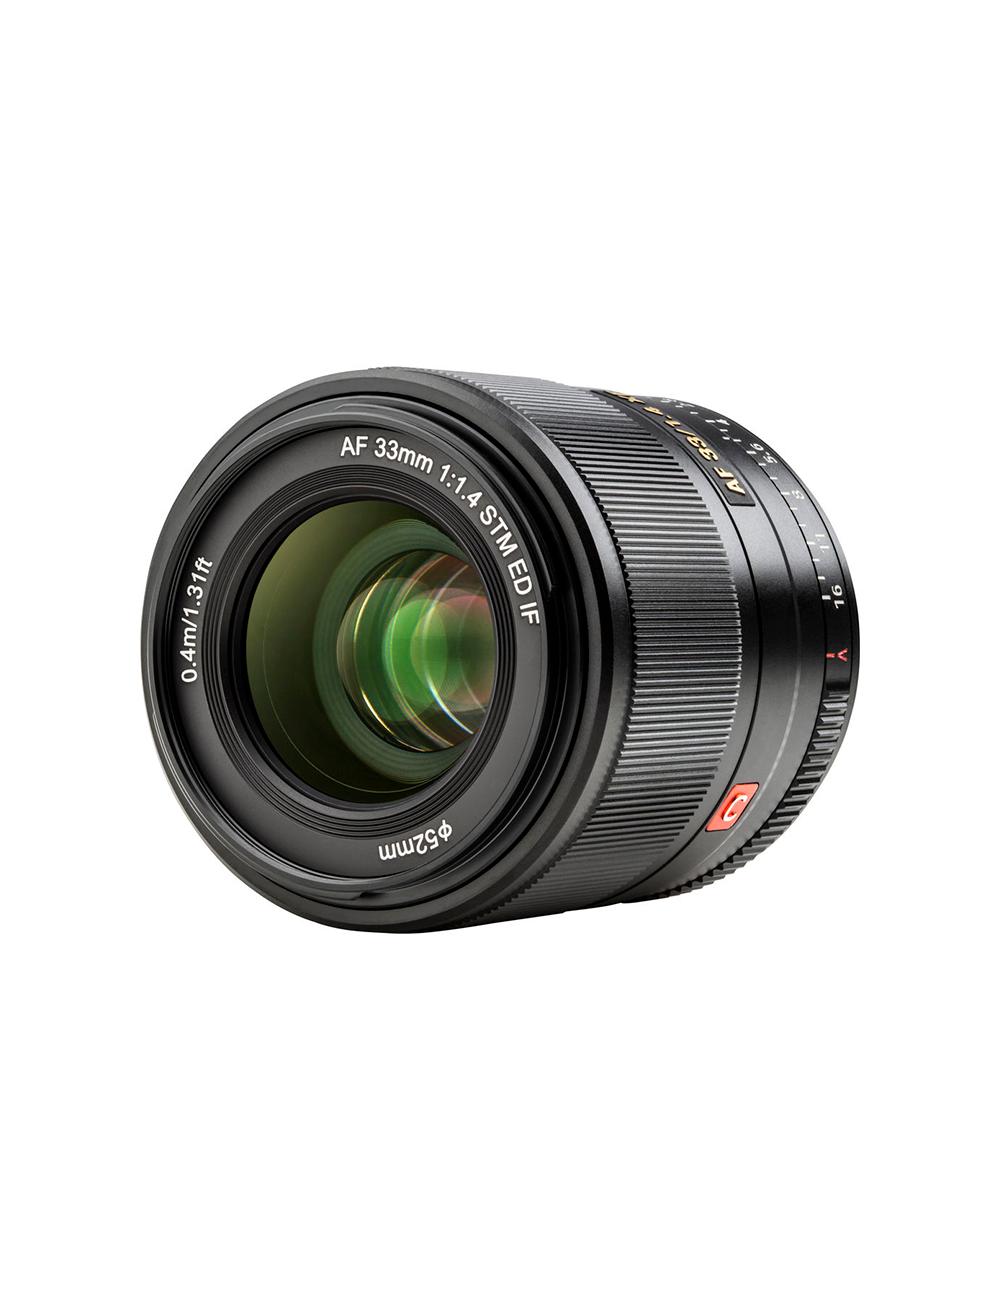 Fujifilm XT-2 Black Cámara para Fotografía y Video 4K Mirrorless con Wifi Con lente 18-55